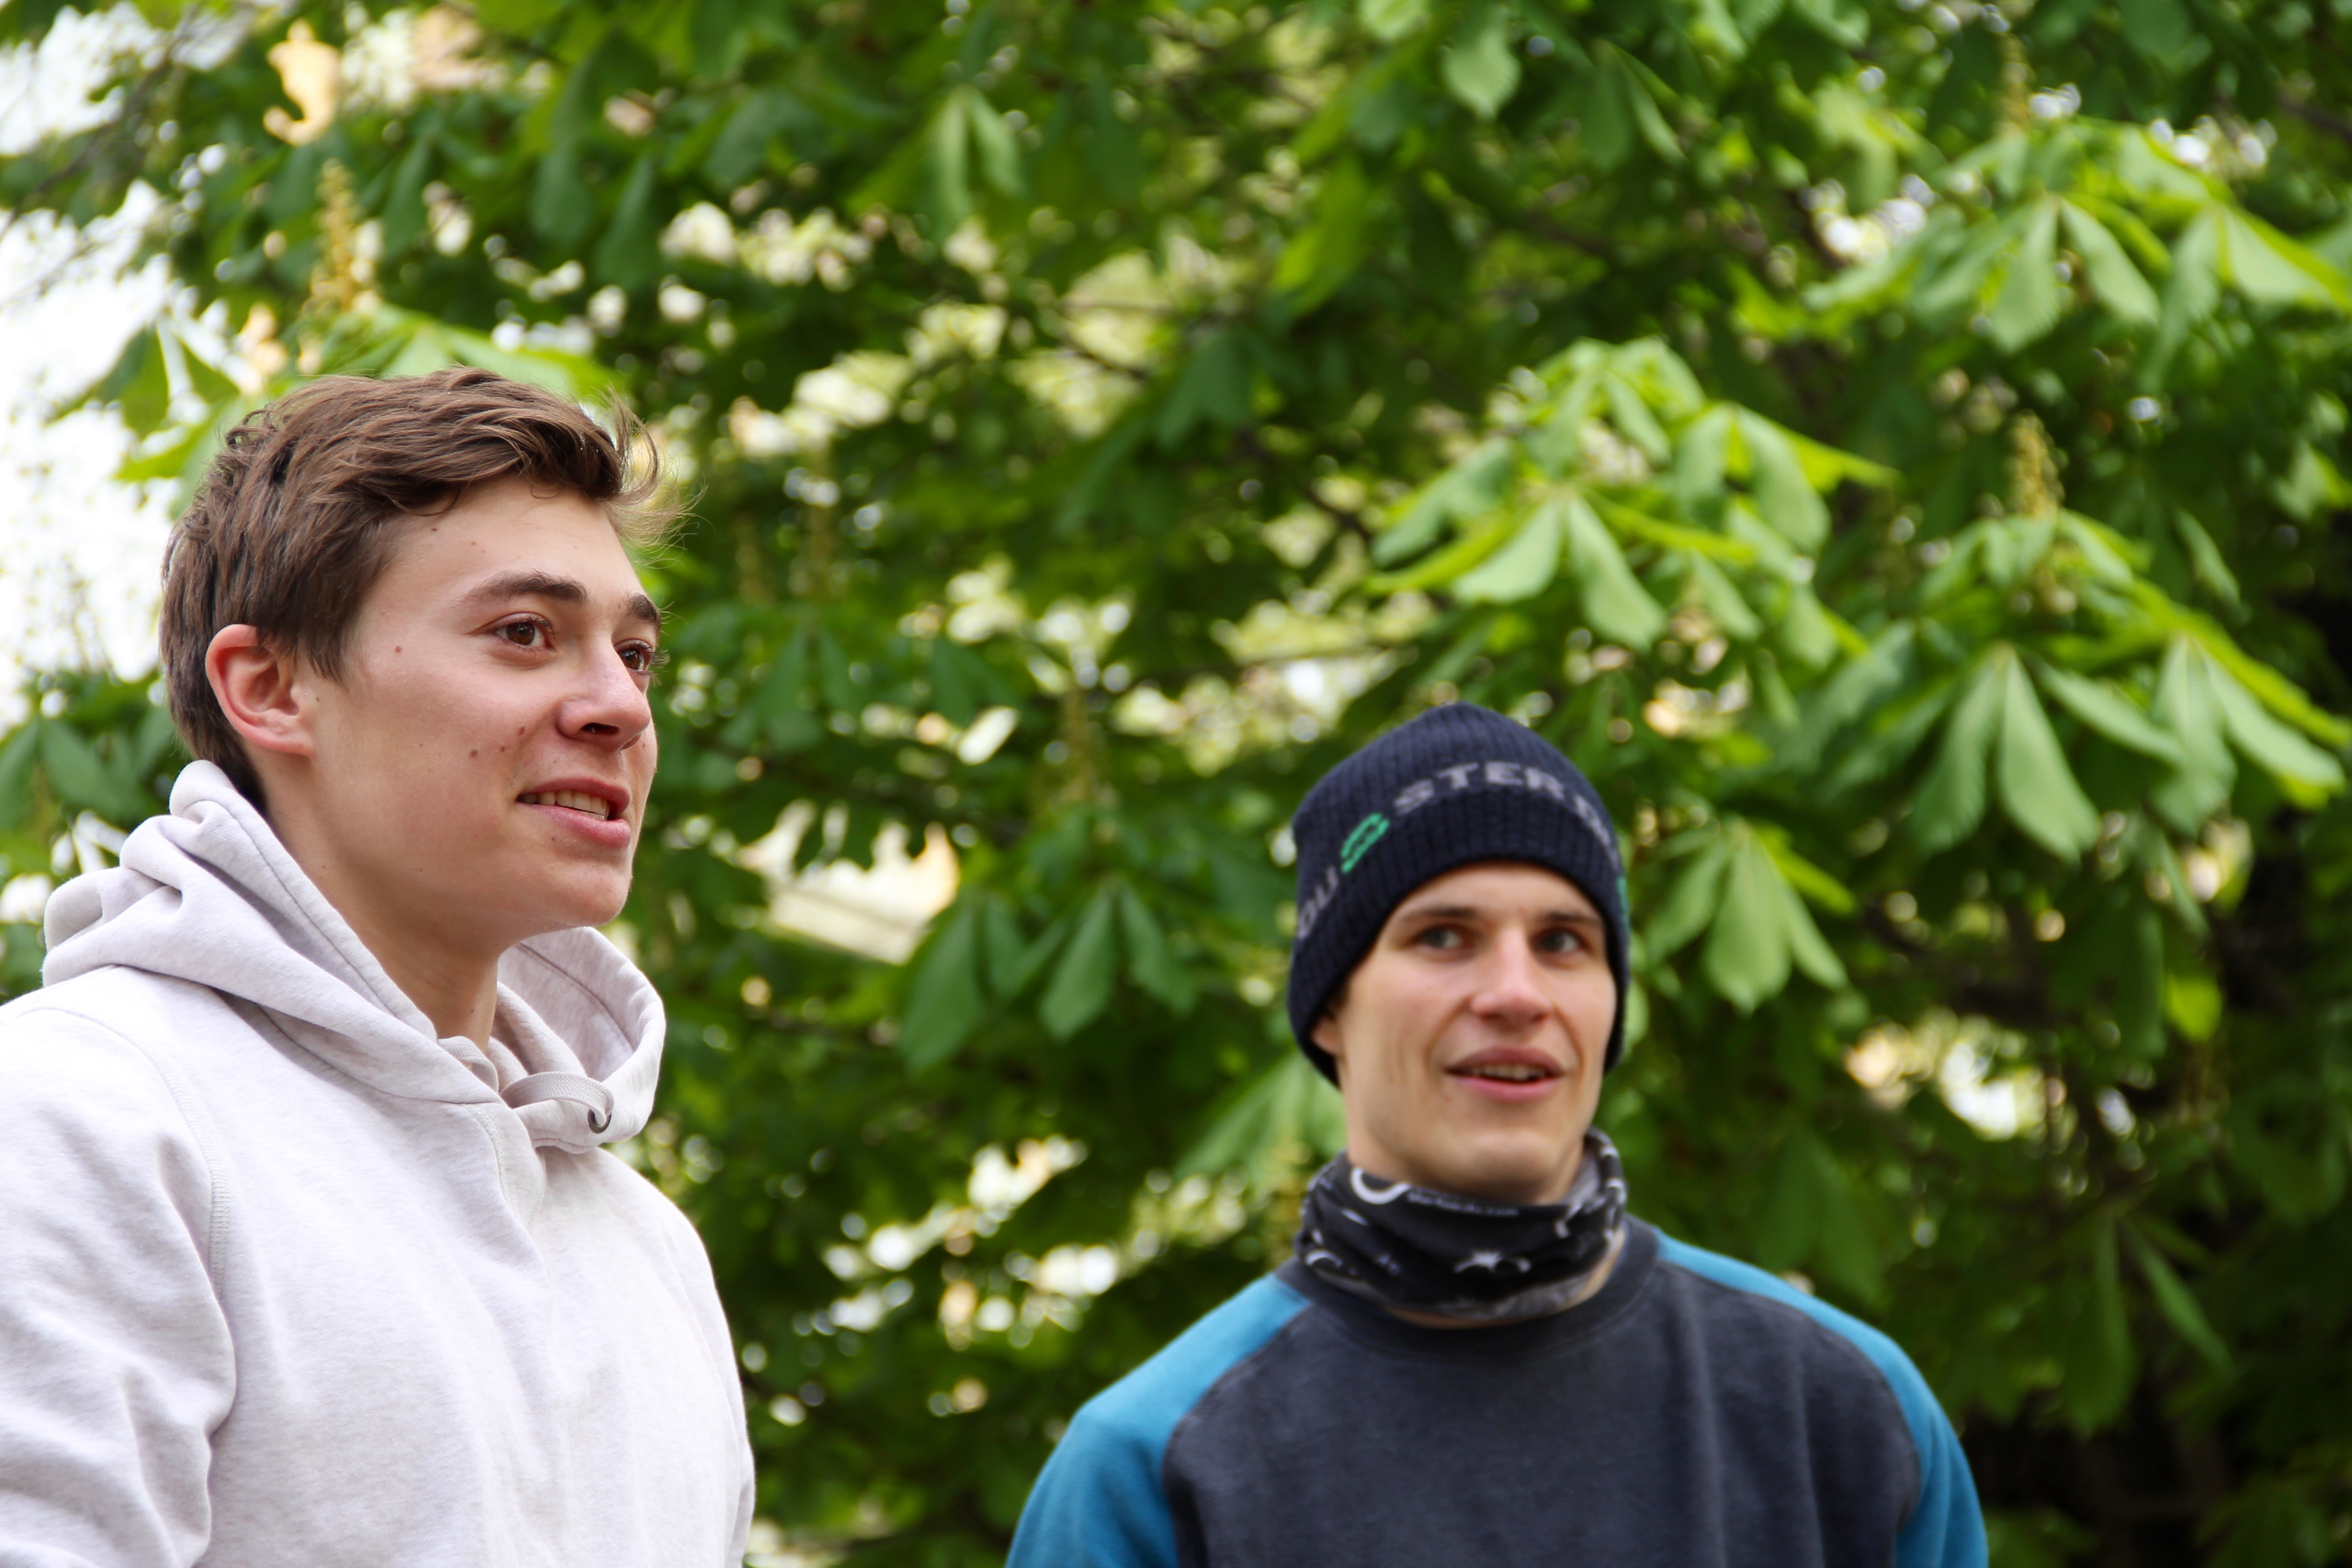 Schorni & Dominik